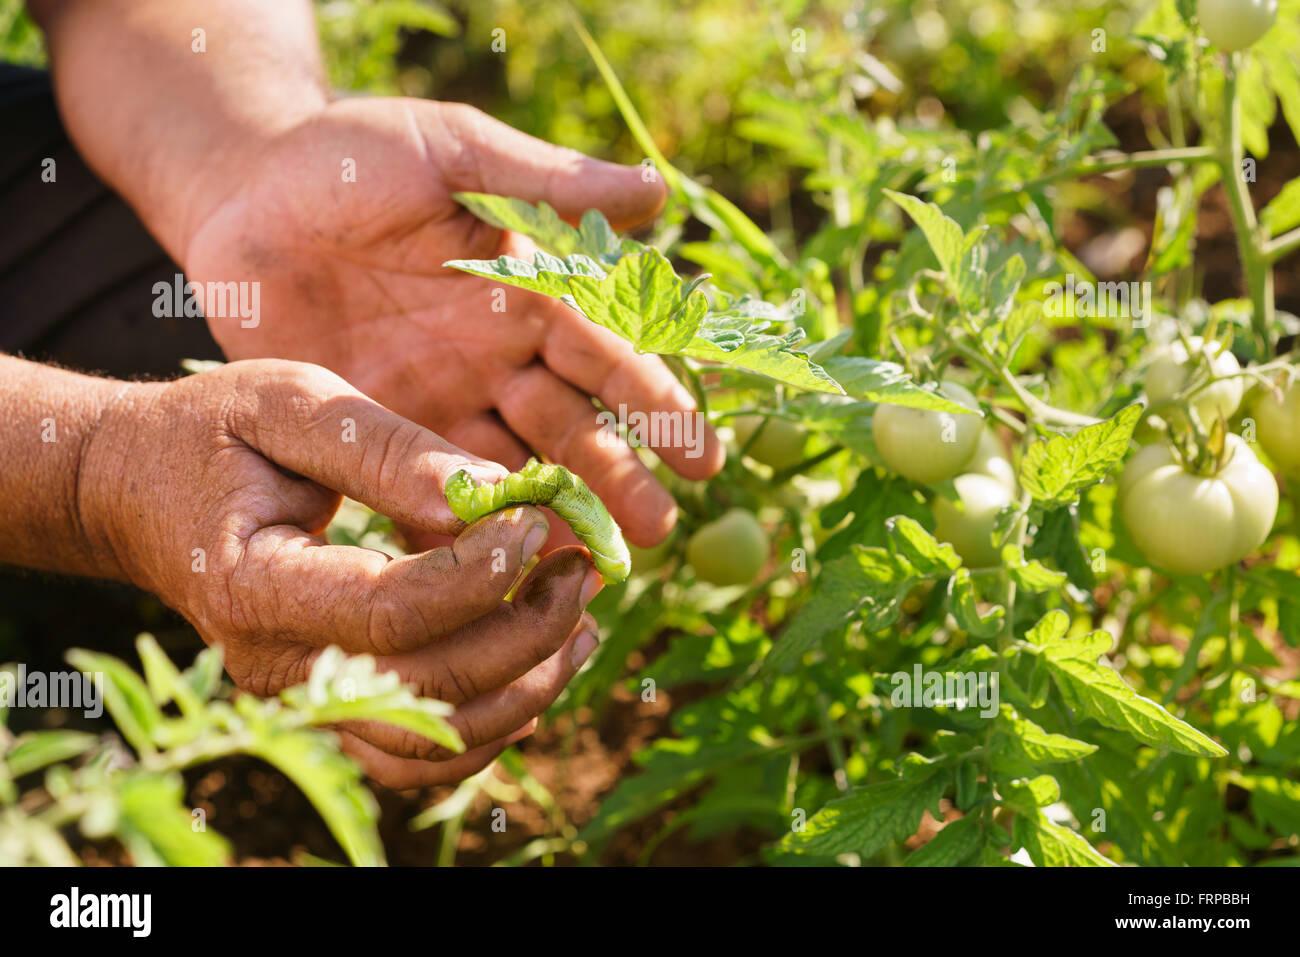 L'agriculture et cultures d'Amérique latine. Middle aged hispanic farmer dans un champ de tomates, montrant un bug Banque D'Images